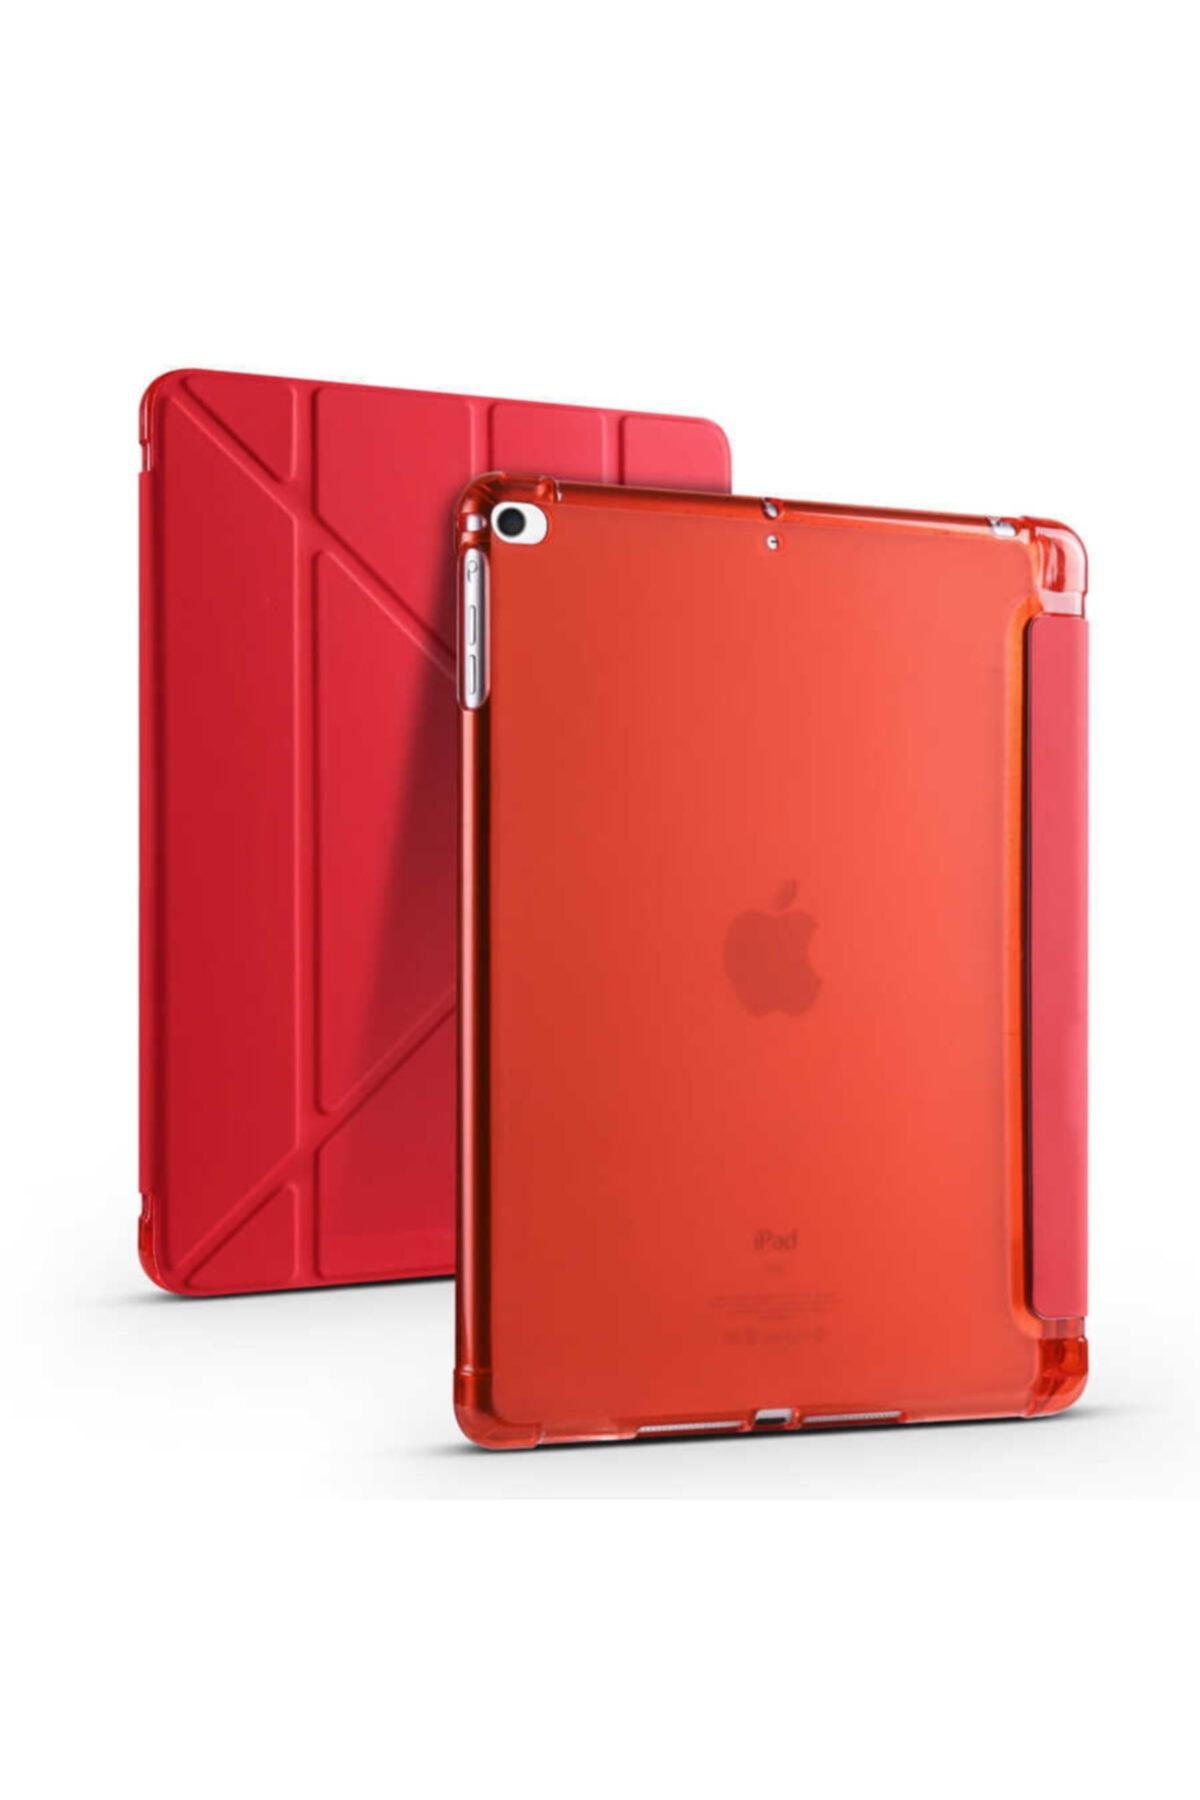 carına vannı Apple Ipad 9.7 2018 Uyumlu Kırmızı,kalem Bölmeli,katlanabilir Tablet Kılıfı,standlı Kılıf Pnd 1